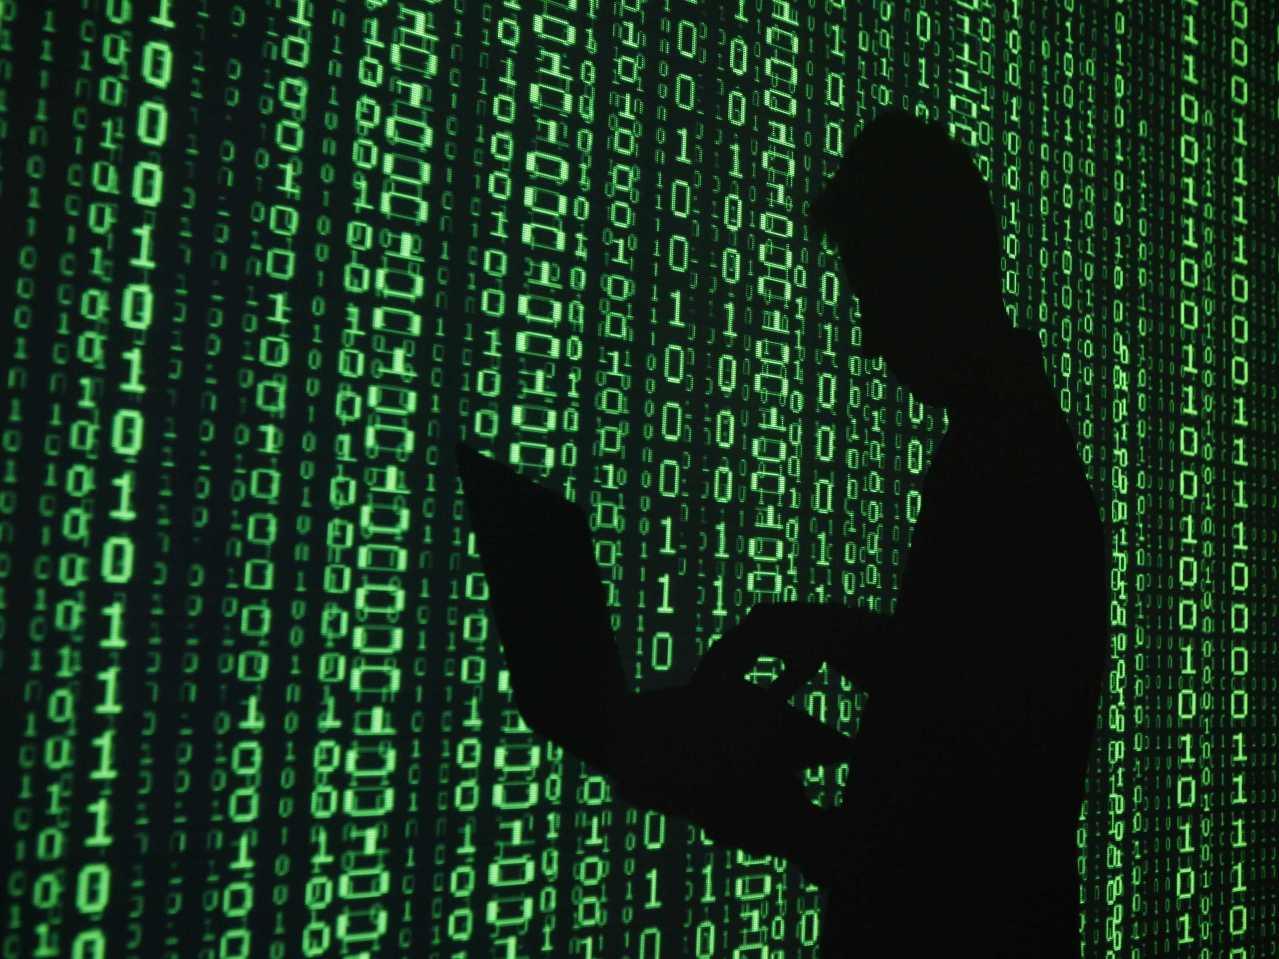 Mỹ cân nhắc chương trình cấm vận các cá nhân và tổ chức tin tặc của Trung Quốc